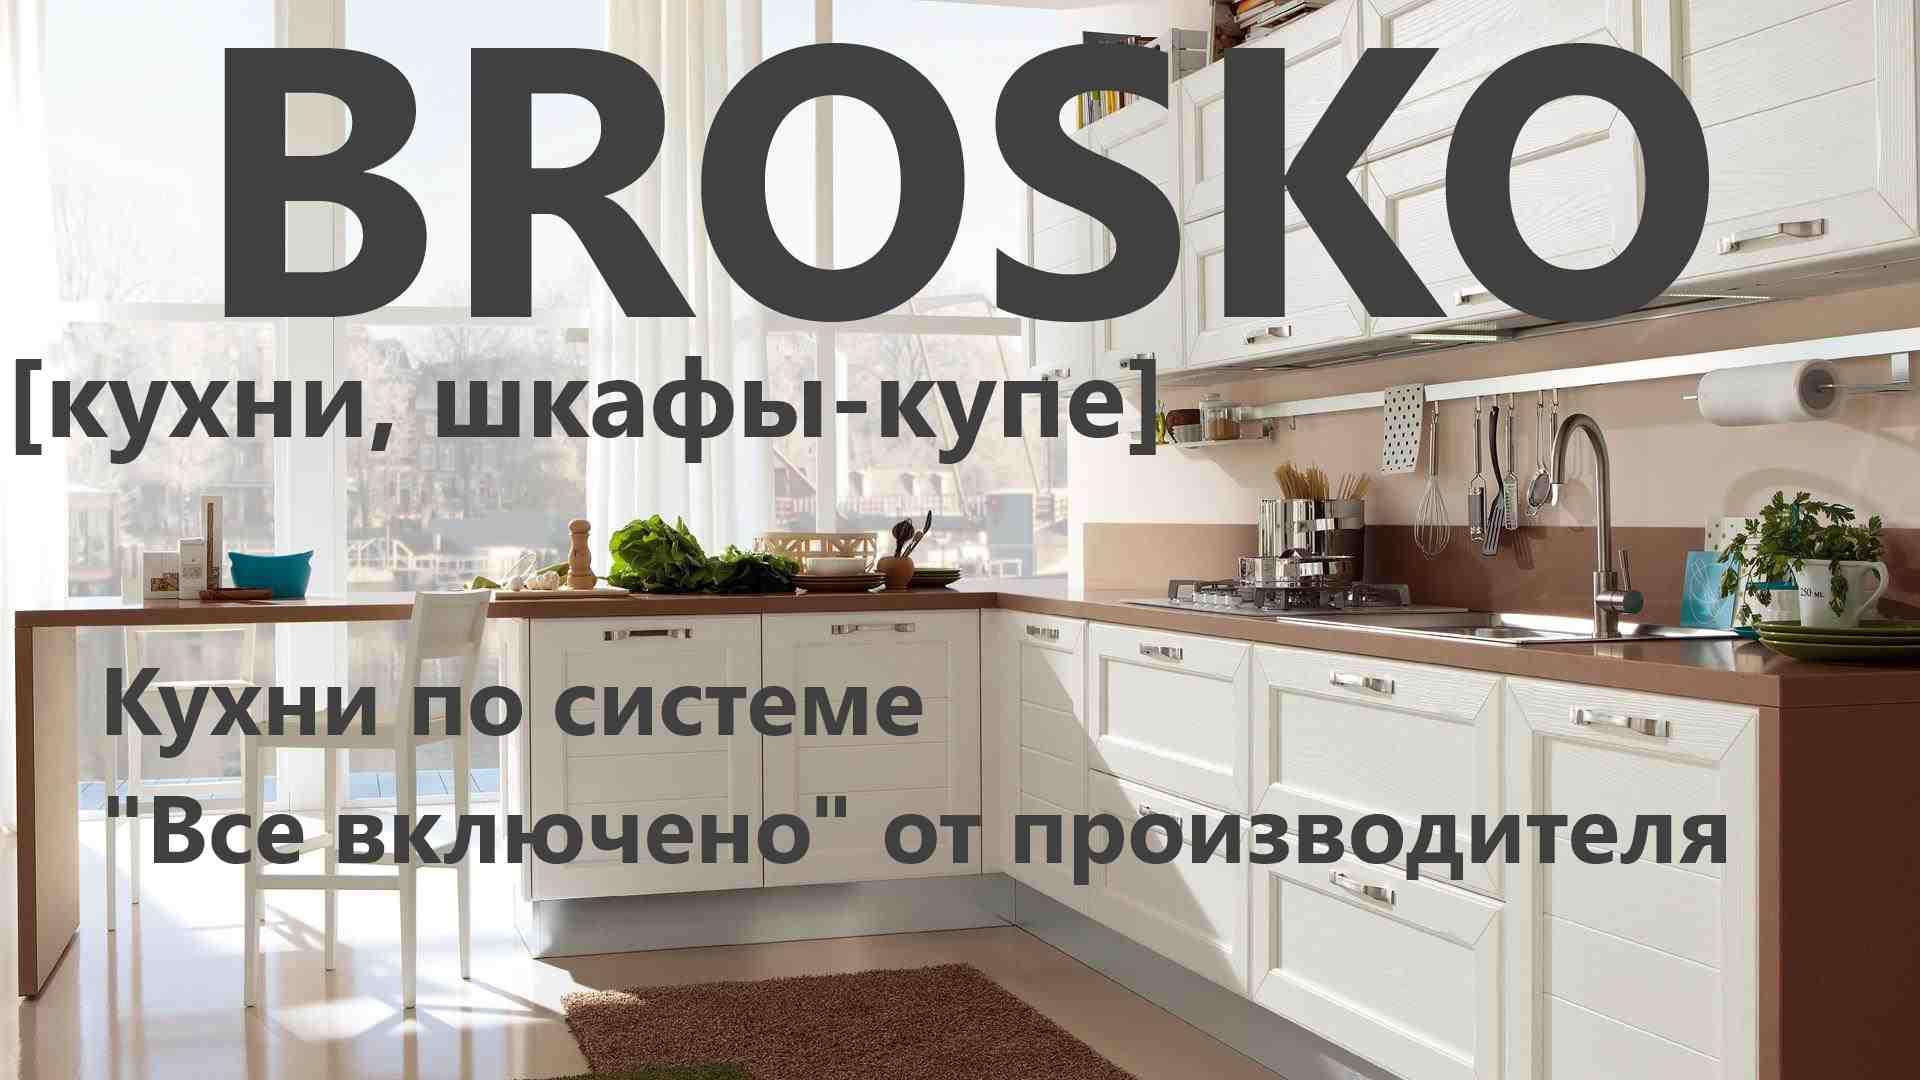 BROSKO-Banner